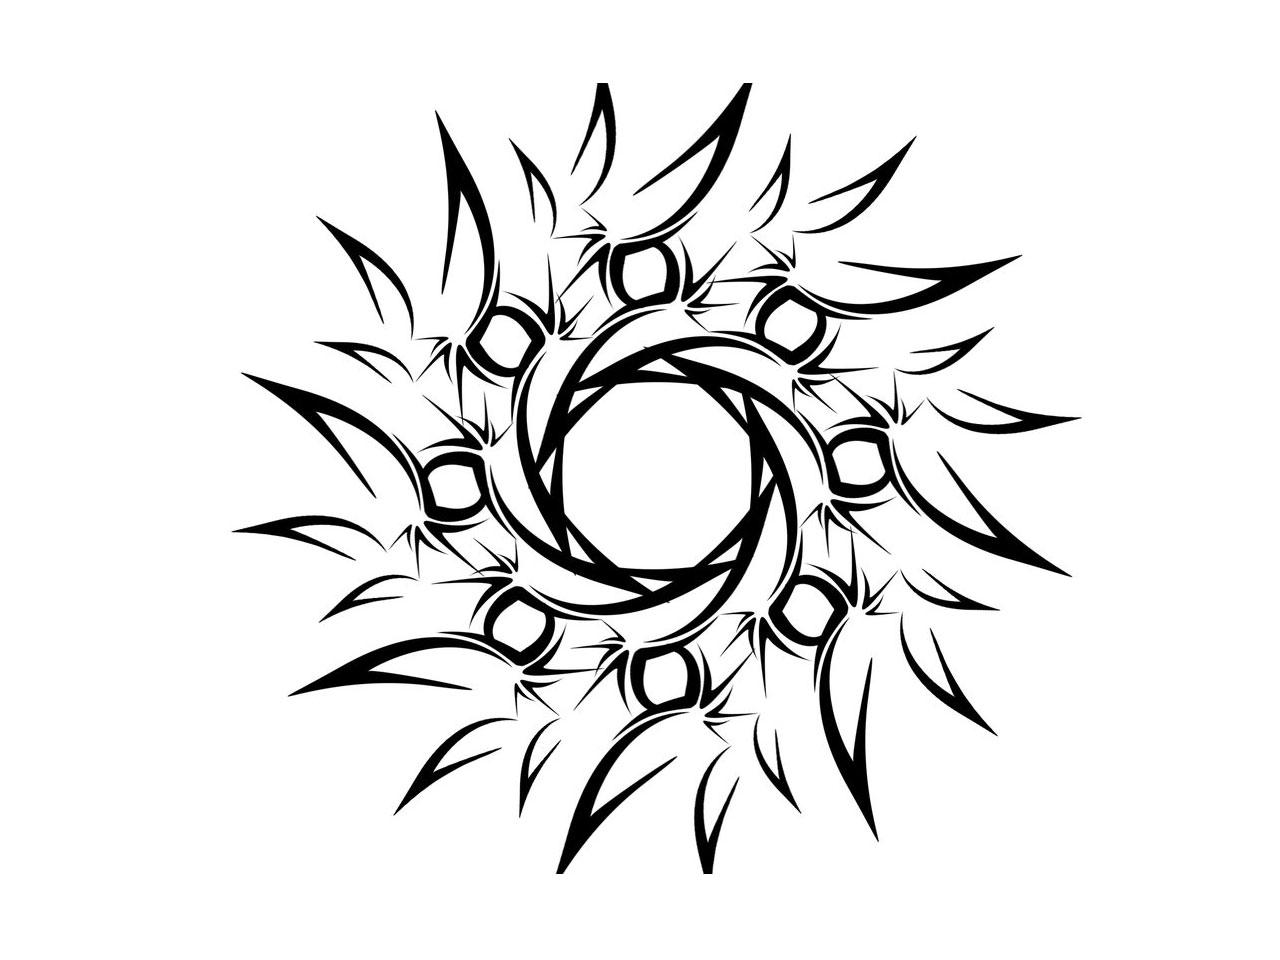 1280x960 Download Tattoo Simple Art